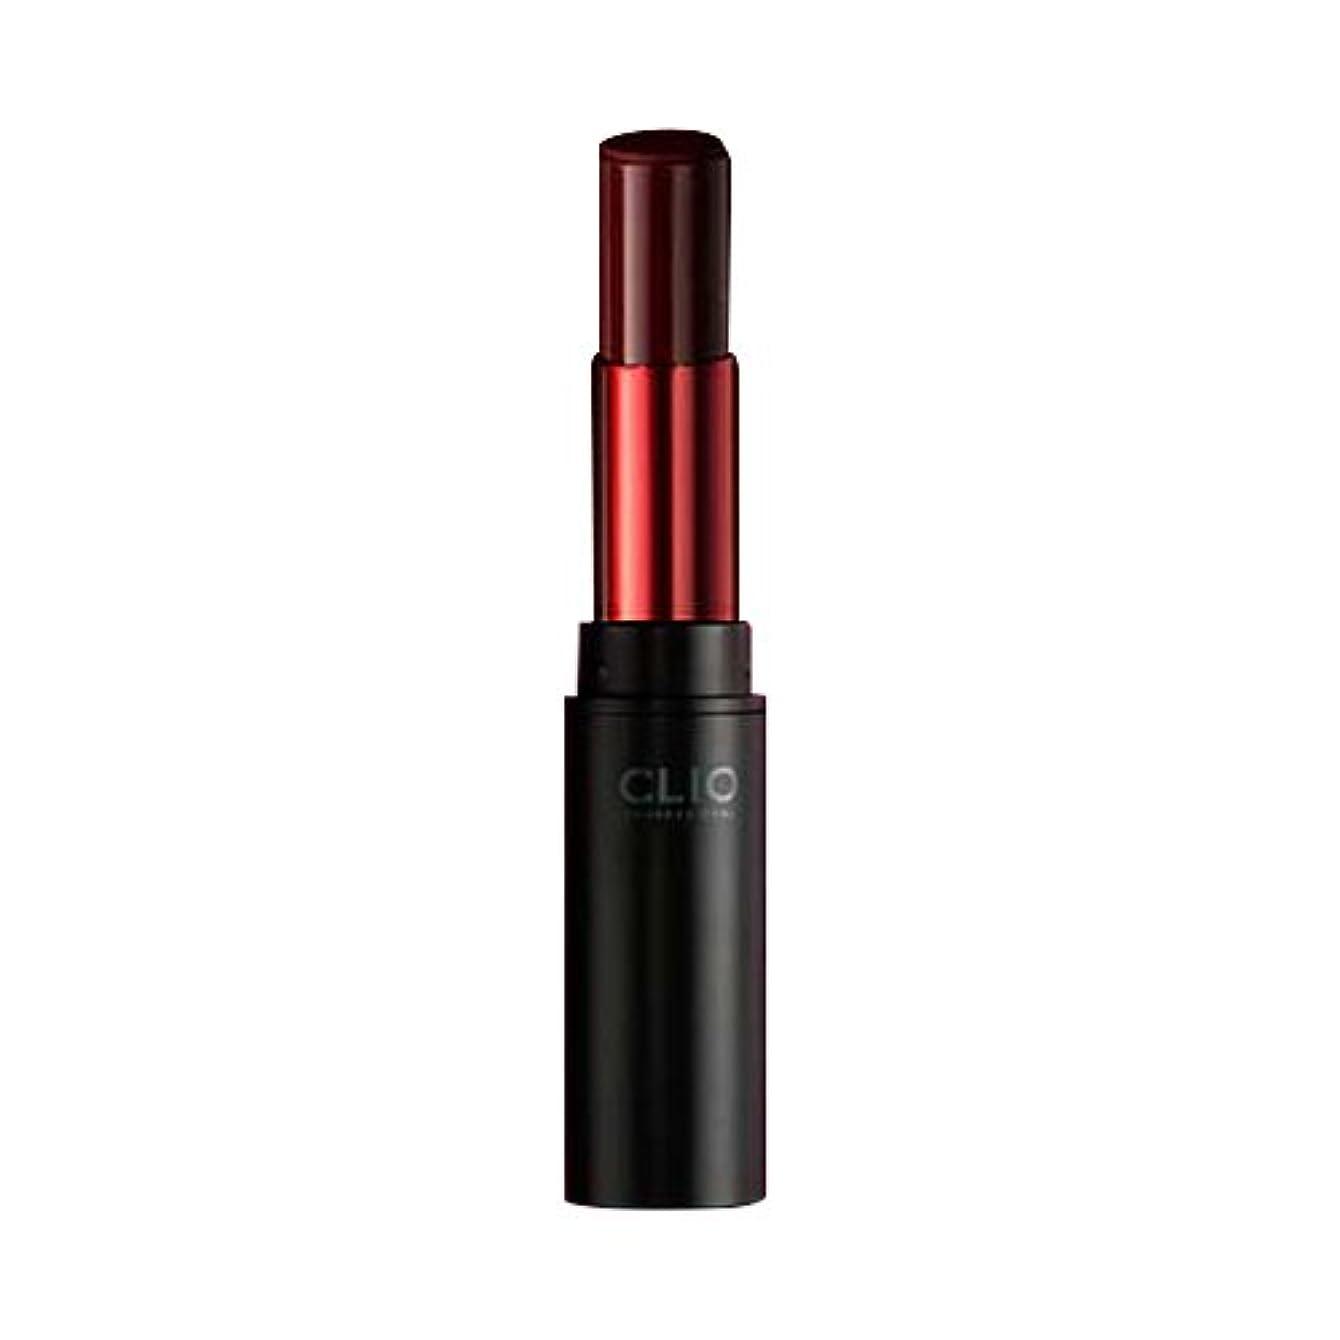 充実悪性の演劇[New] CLIO Mad Matte Lips 4.5g/クリオ マッド マット リップ 4.5g (#04 Bloody Wine) [並行輸入品]